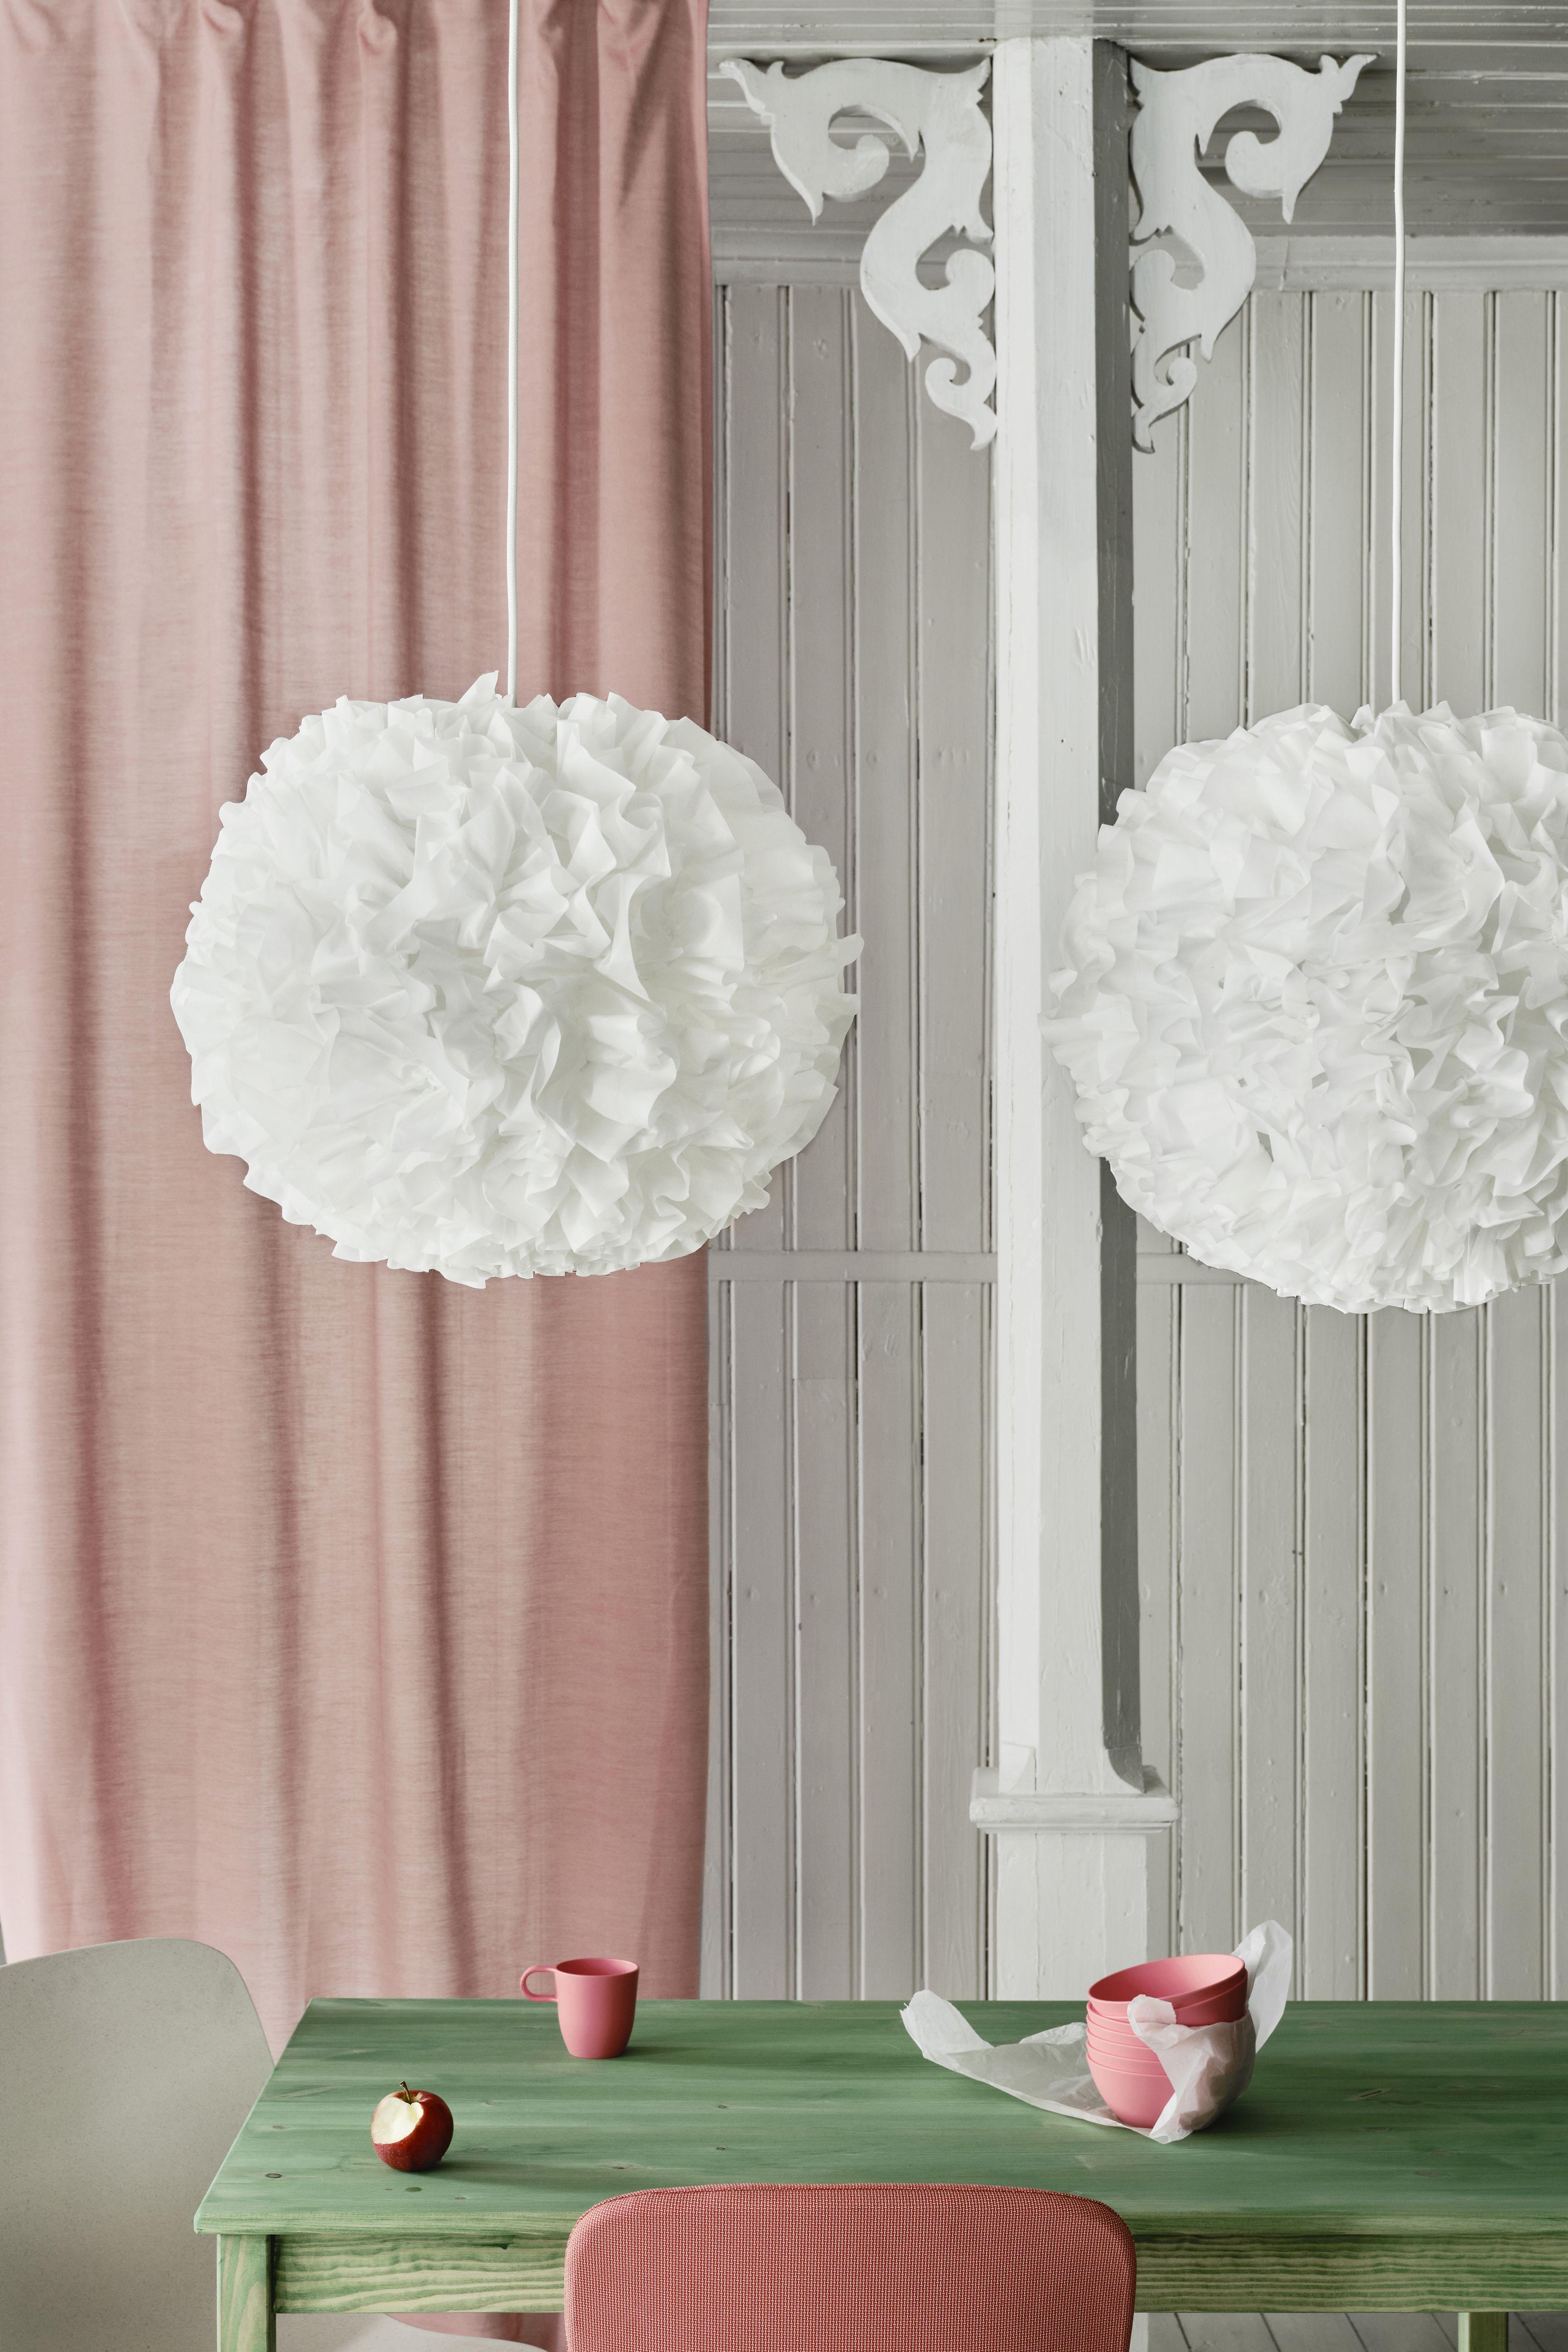 Vindkast Hangeleuchte Weiss 50 Cm Ikea Deutschland Anhanger Lampen Hangeleuchte Deckenhaken